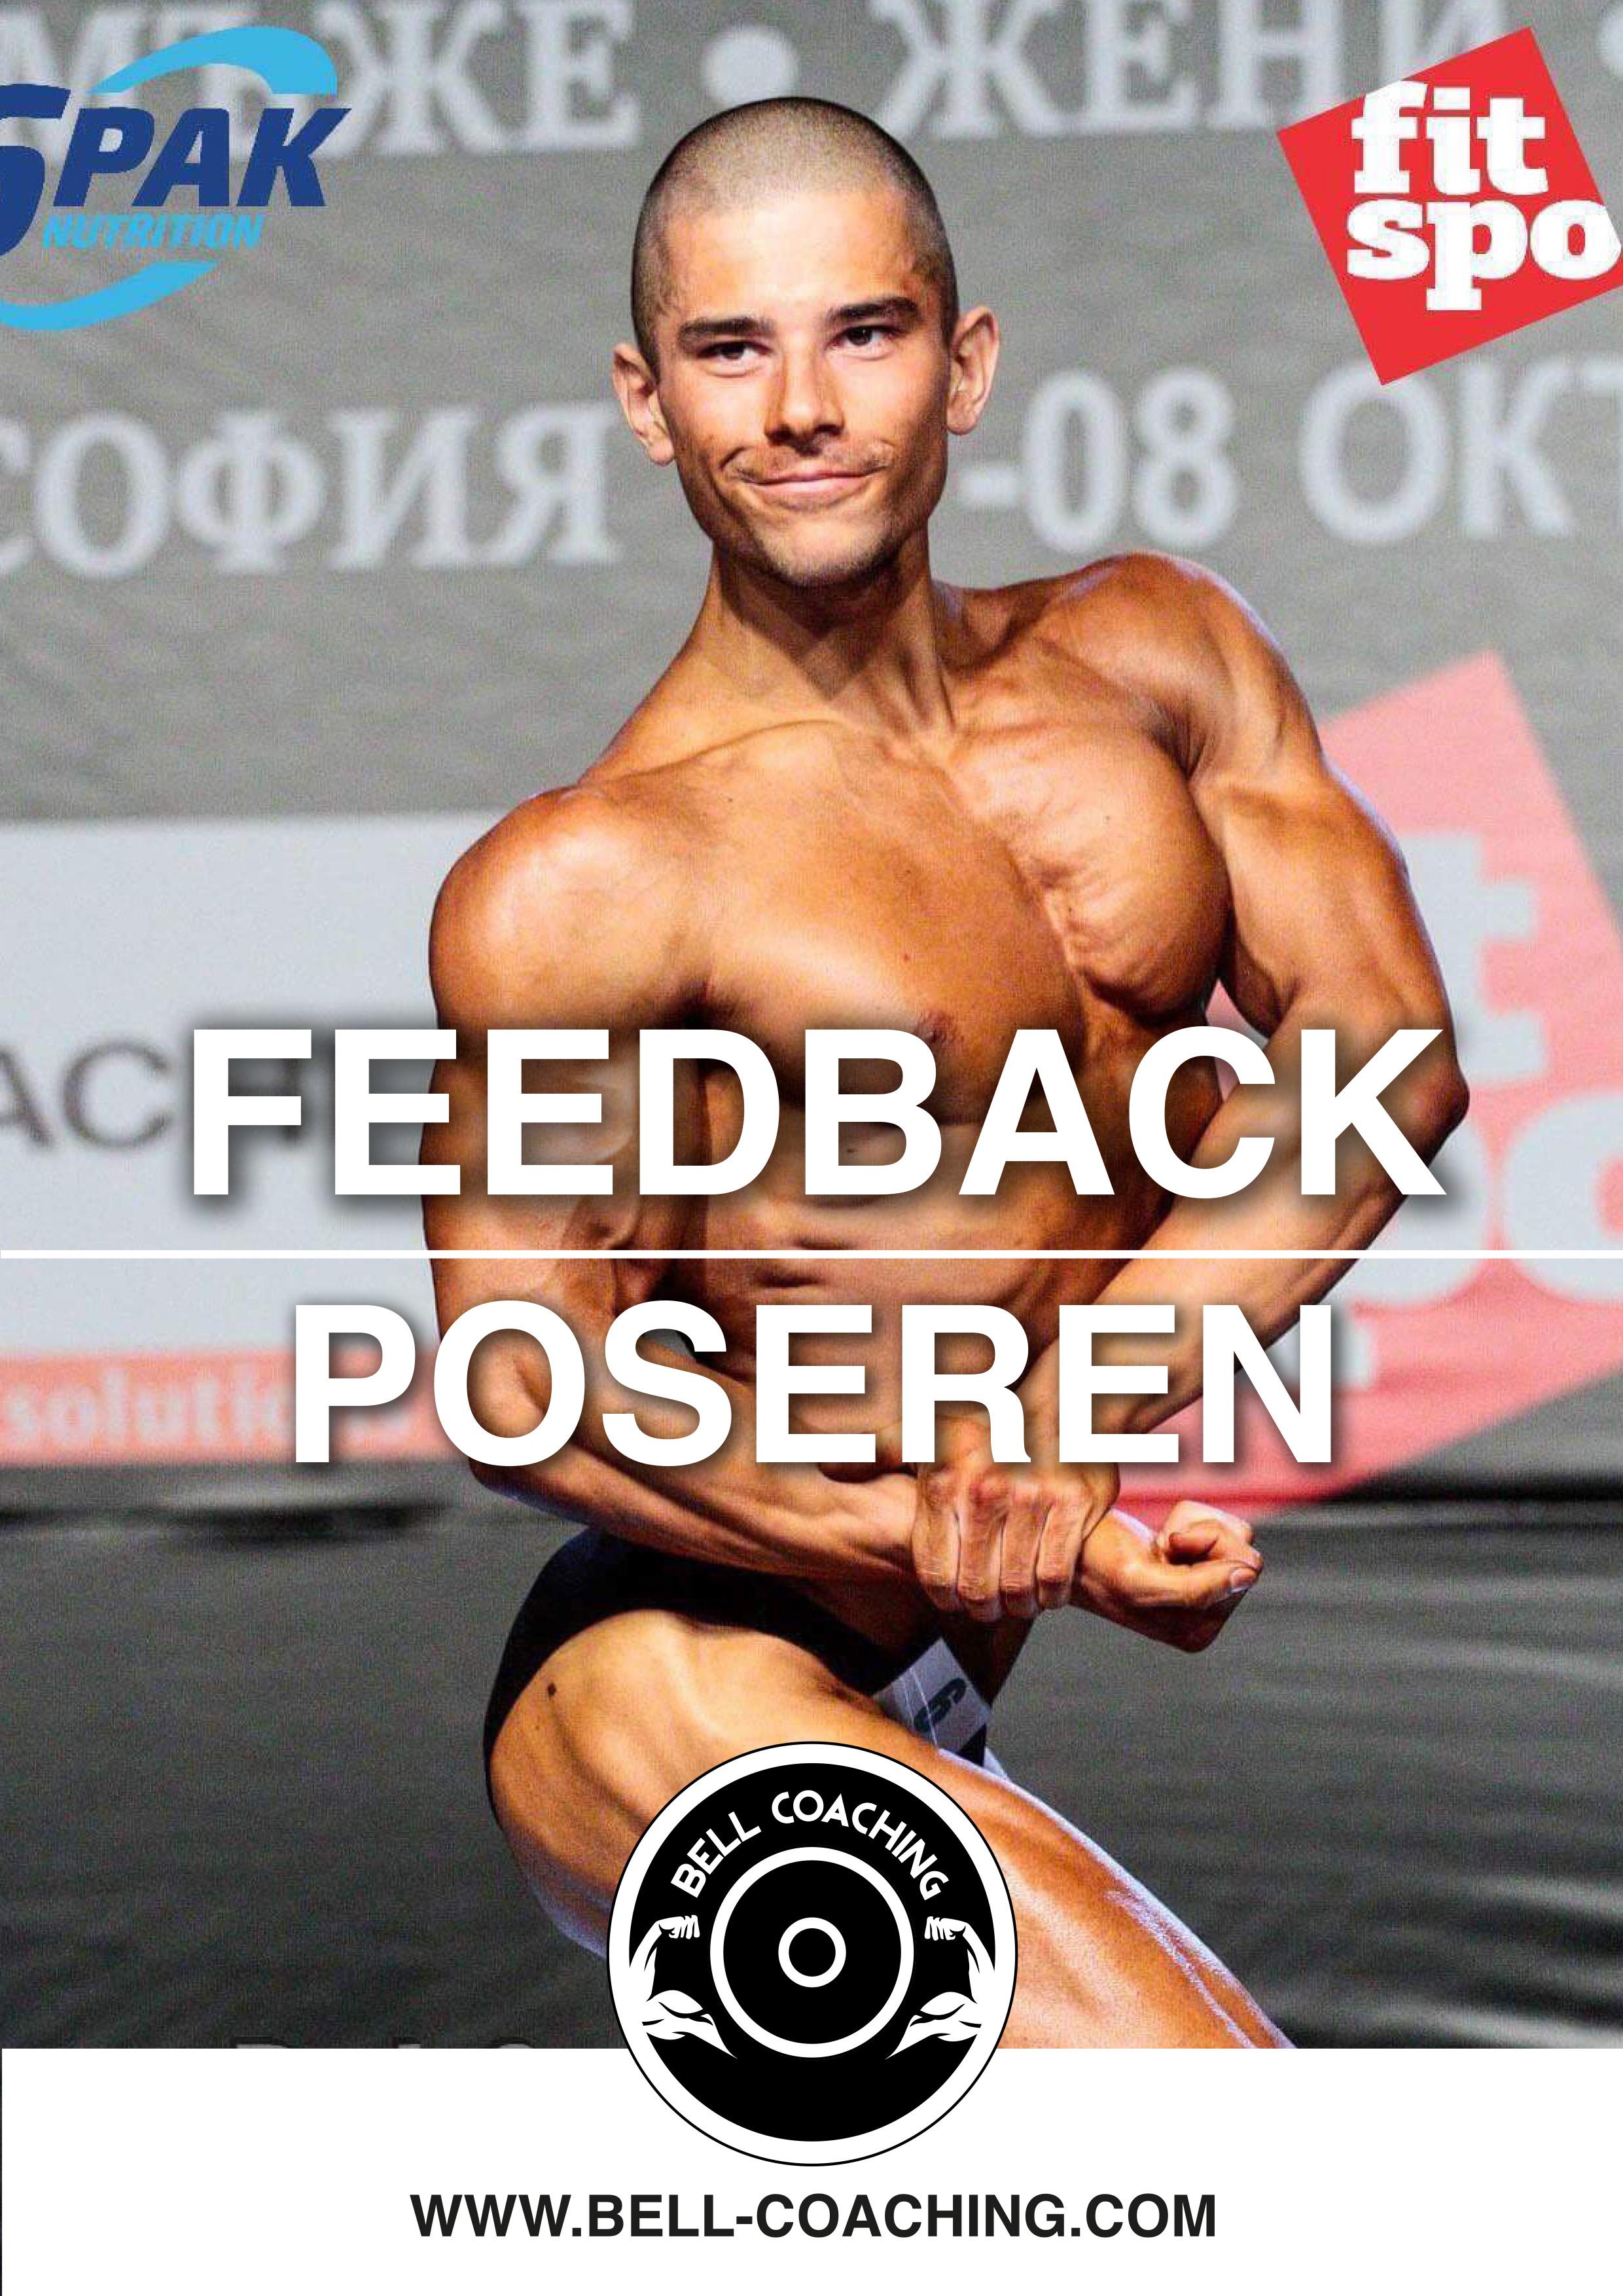 Feedback gids poseren voor bodybuilden